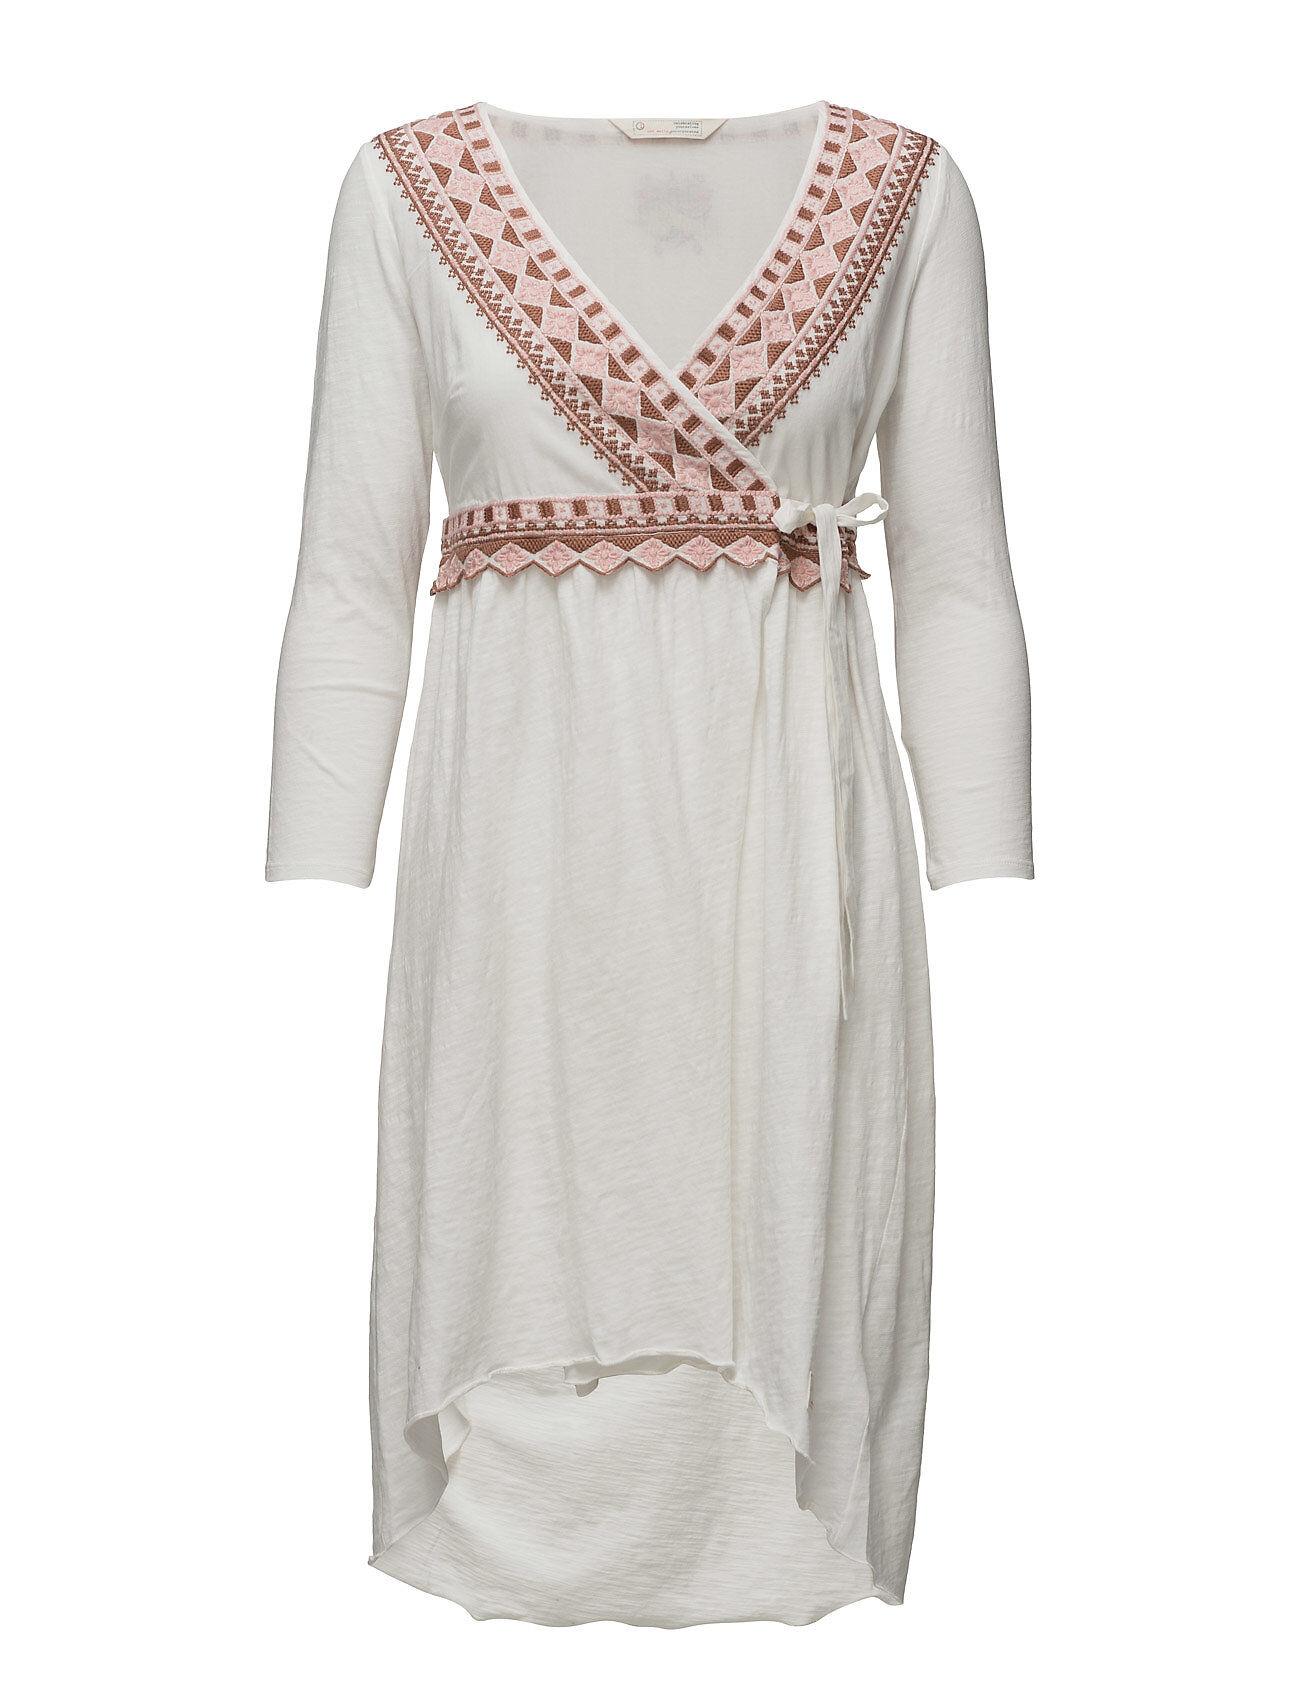 Image of ODD MOLLY Get-A-Way L/S Dress Polvipituinen Mekko Kermanvärinen ODD MOLLY